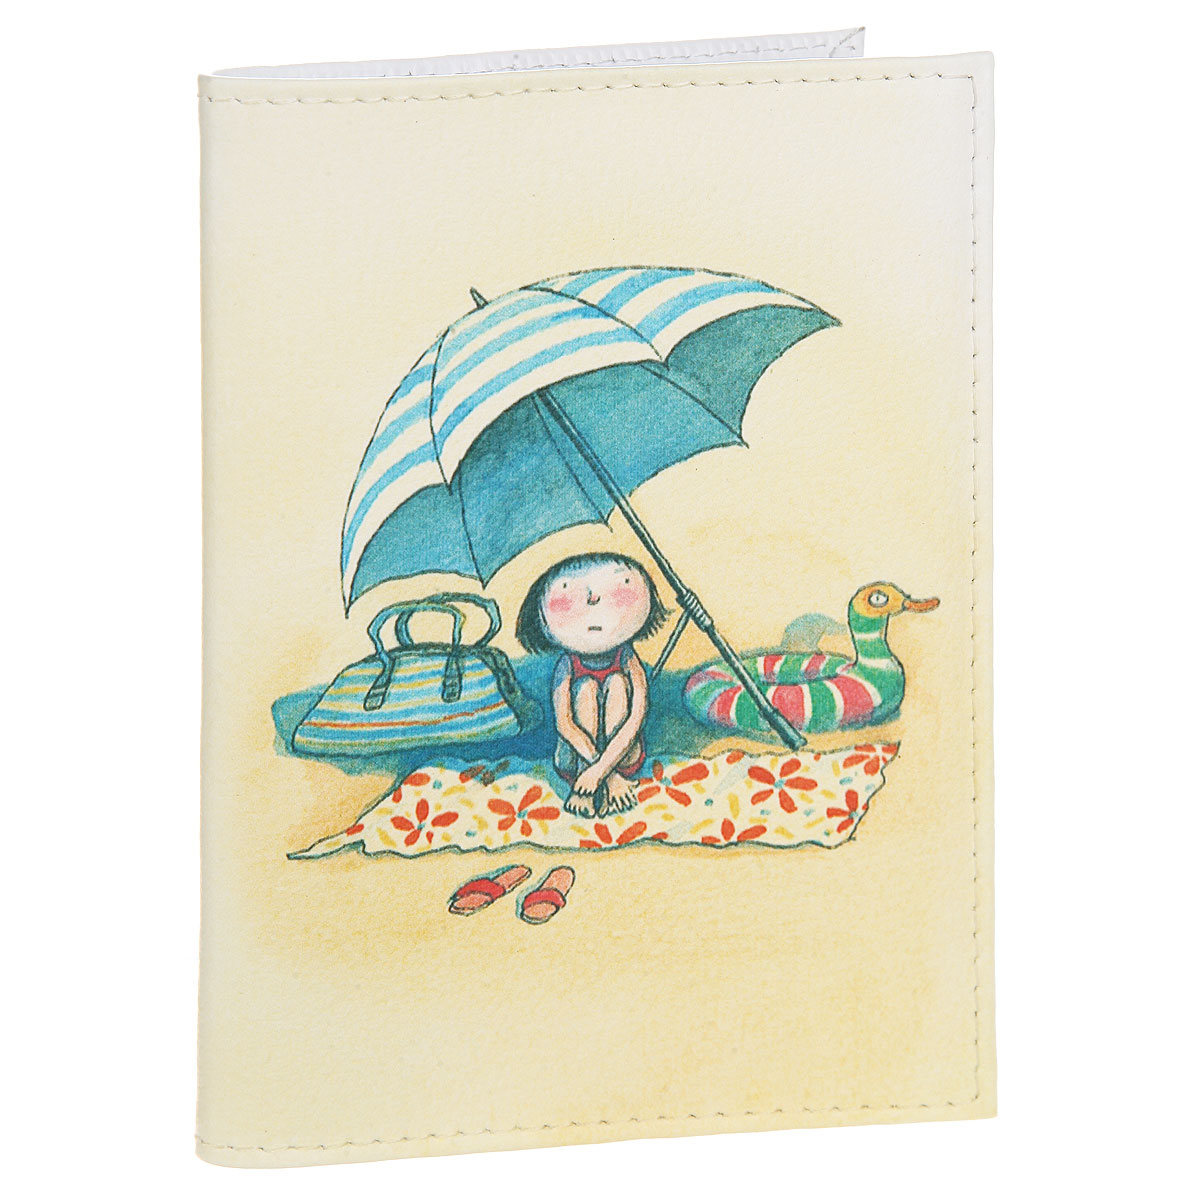 Обложка для автодокументов Девочка на пляже. AUTO316Натуральная кожаСтильная обложка для автодокументов Mitya Veselkov Девочка на пляже выполнена из натуральной кожи с зернистой текстурой. Обложка оформлена художественной печатью с изображением девочки. Внутри размещен пластиковый вкладыш с шестью карманами для документов, среди которых карман формата А5.Стильная обложка для автодокументовMitya Veselkov Девочка на пляже не только поможет сохранить внешний вид ваших документов и защитит их от повреждений, но и станет стильным аксессуаром, идеально подходящим к вашему образу.